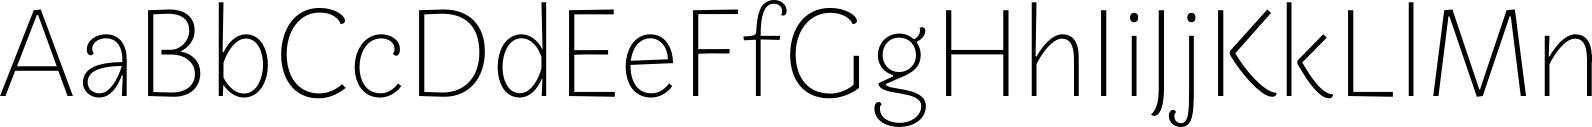 Frambuesa